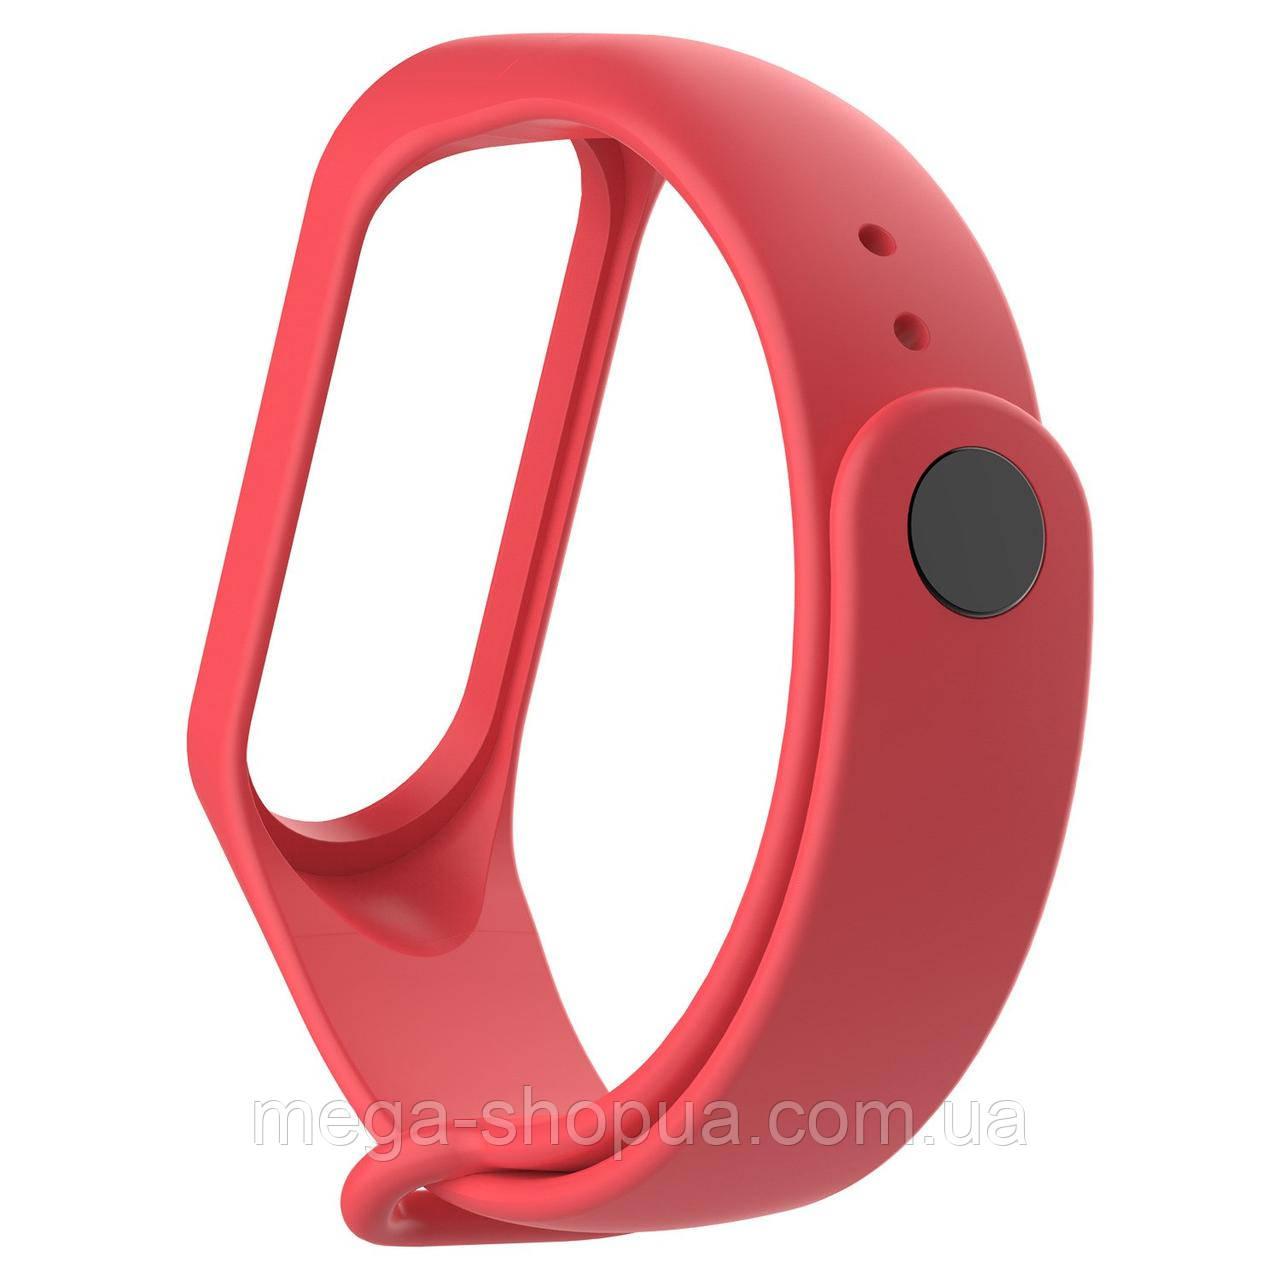 Ремешок для фитнес-браслета Xiaomi Mi Band M3 Red. Smart Bracelet - Клипса зарядка